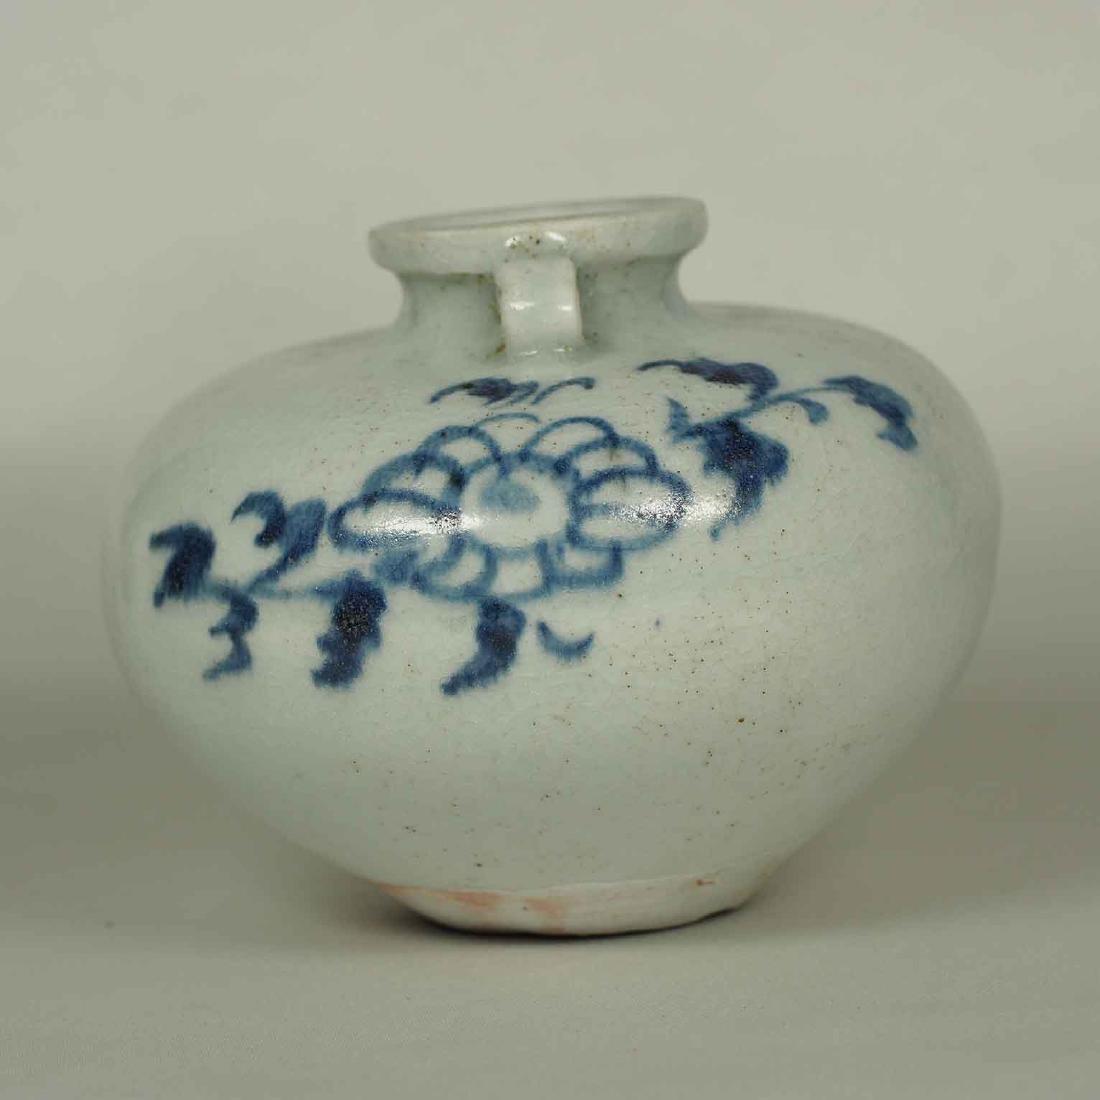 Jarlet with Chrysanthemum Flower, Yuan Dynasty - 2